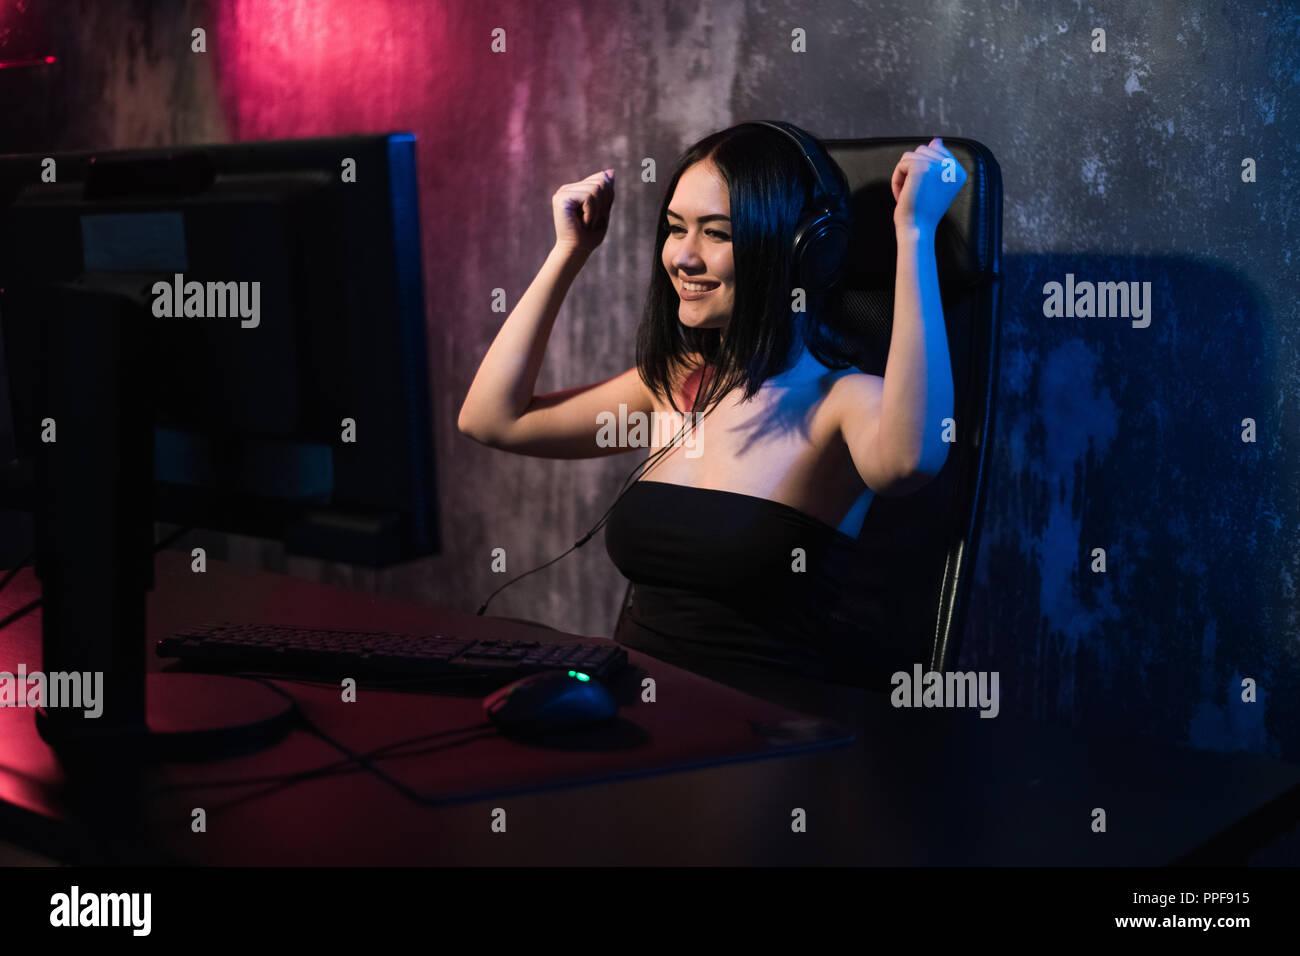 Retrato de una joven niña alegre que se alegra después de ganar un juego de video, - celebrando ganando en emociones jugando concepto. Foto de stock